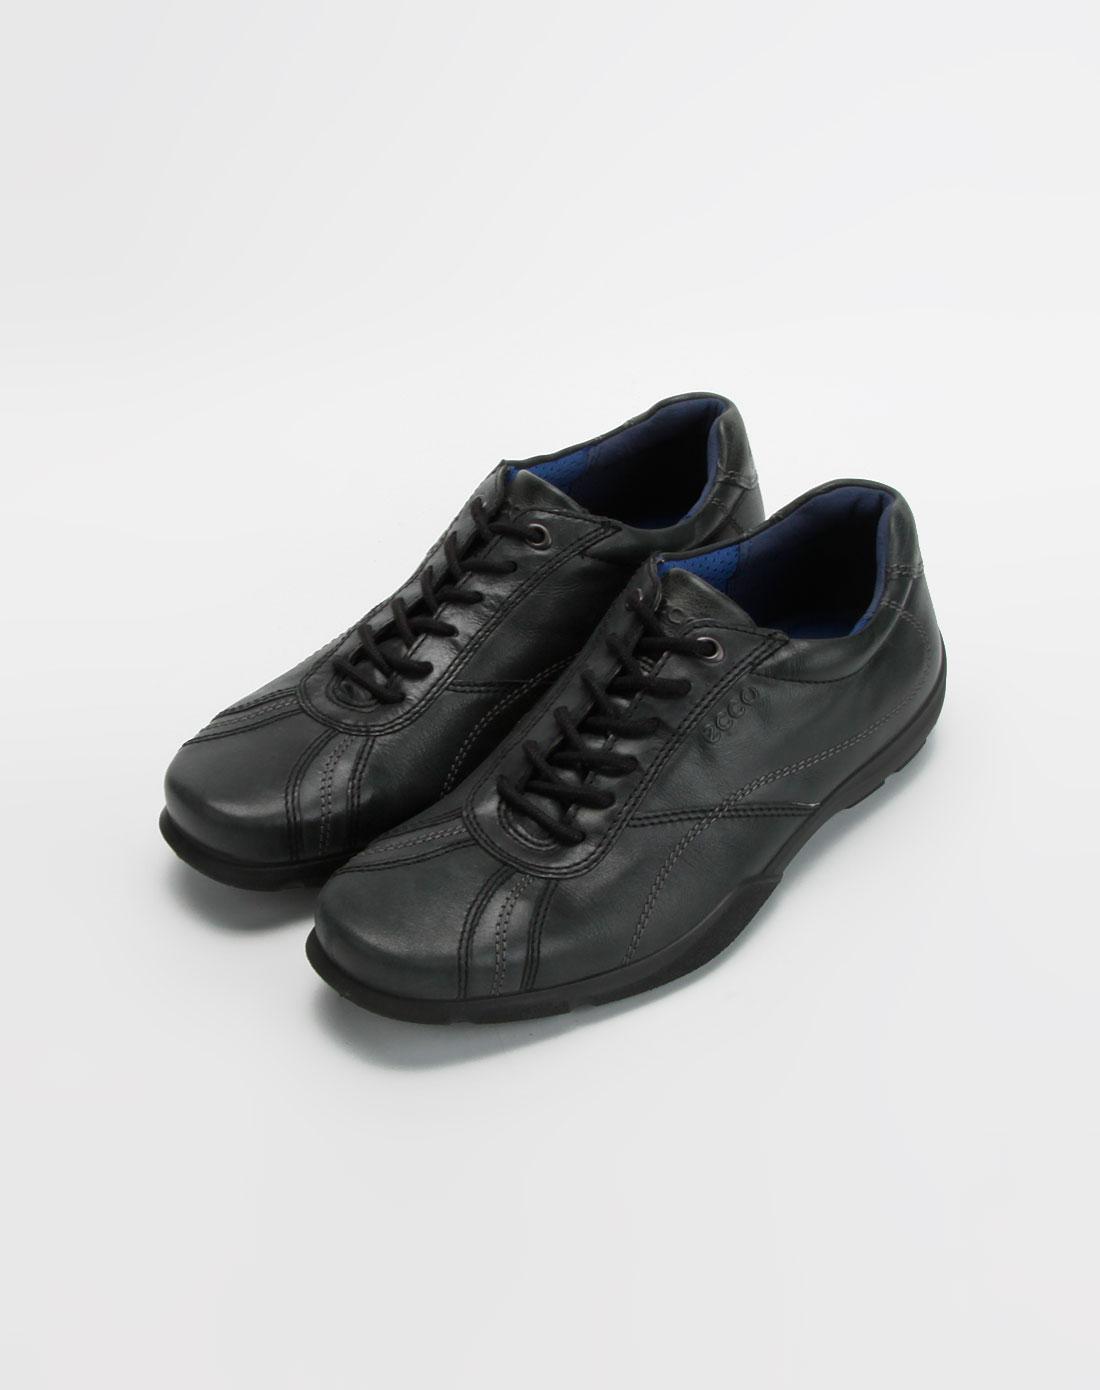 爱步ecco-男款黑色简约休闲鞋2